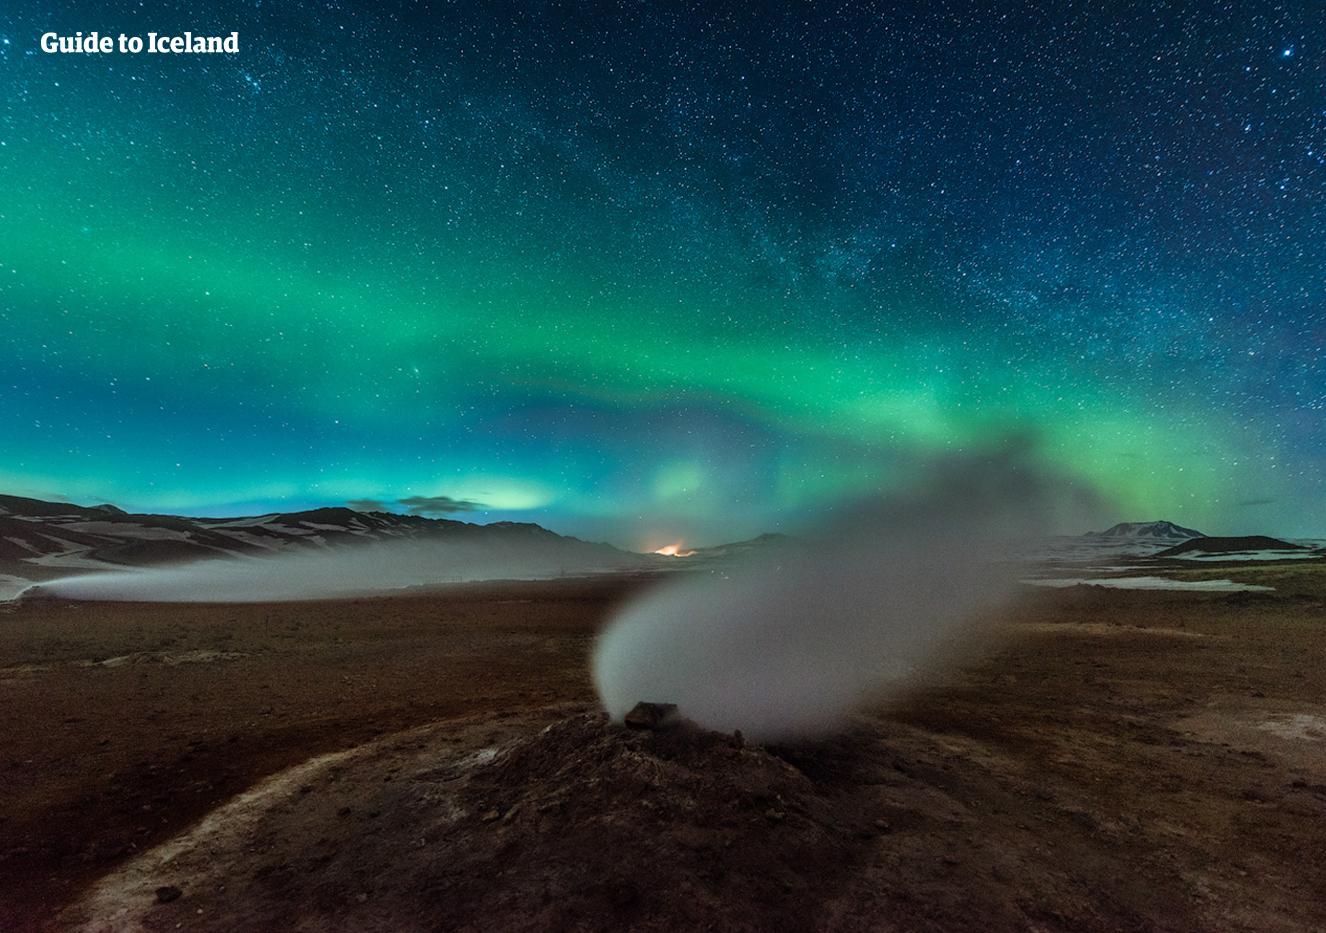 Nordlys og en stjerneklar himmel over en dampsky i et geotermisk område ved Mývatn-søen